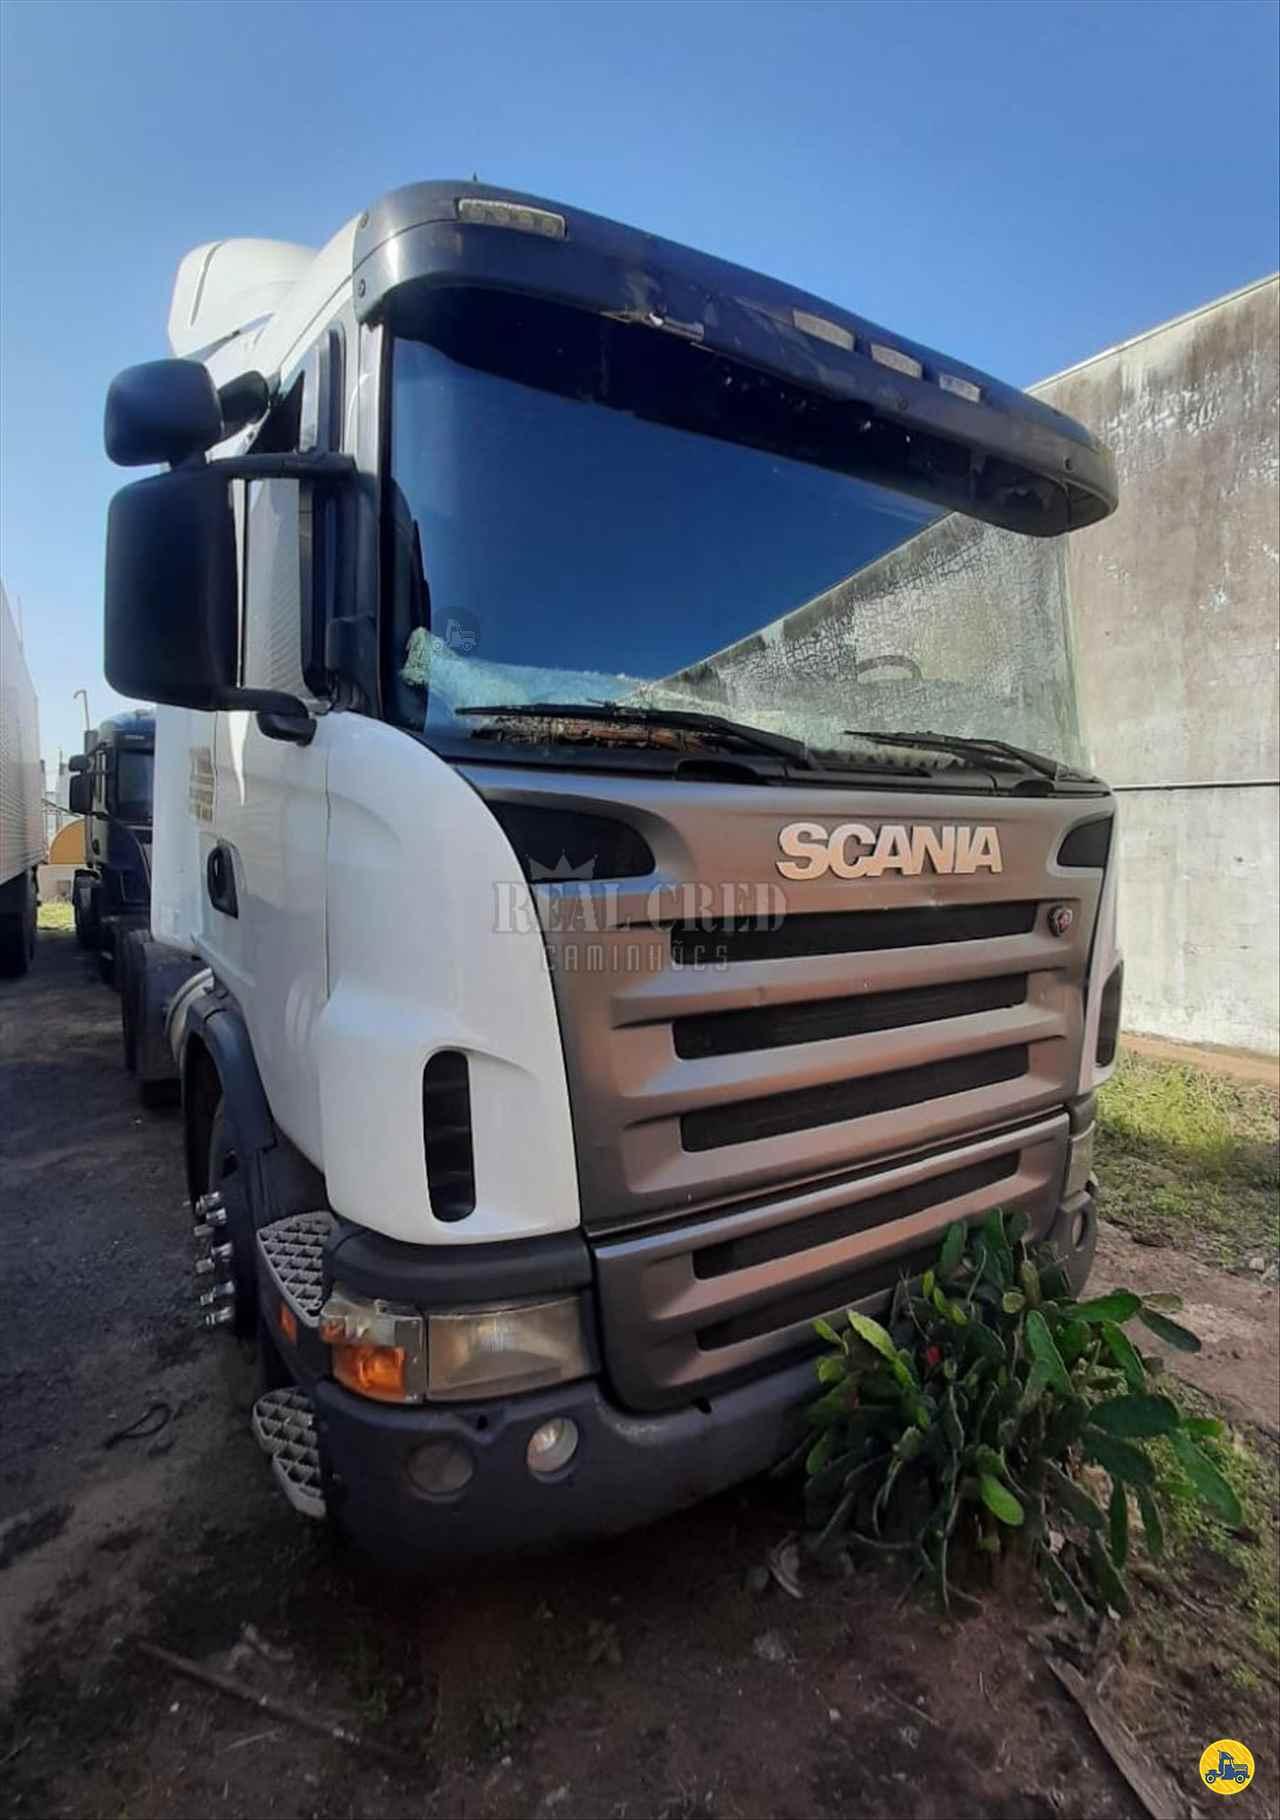 CAMINHAO SCANIA SCANIA 380 Cavalo Mecânico Truck 6x2 Real Cred Caminhões PIEDADE SÃO PAULO SP